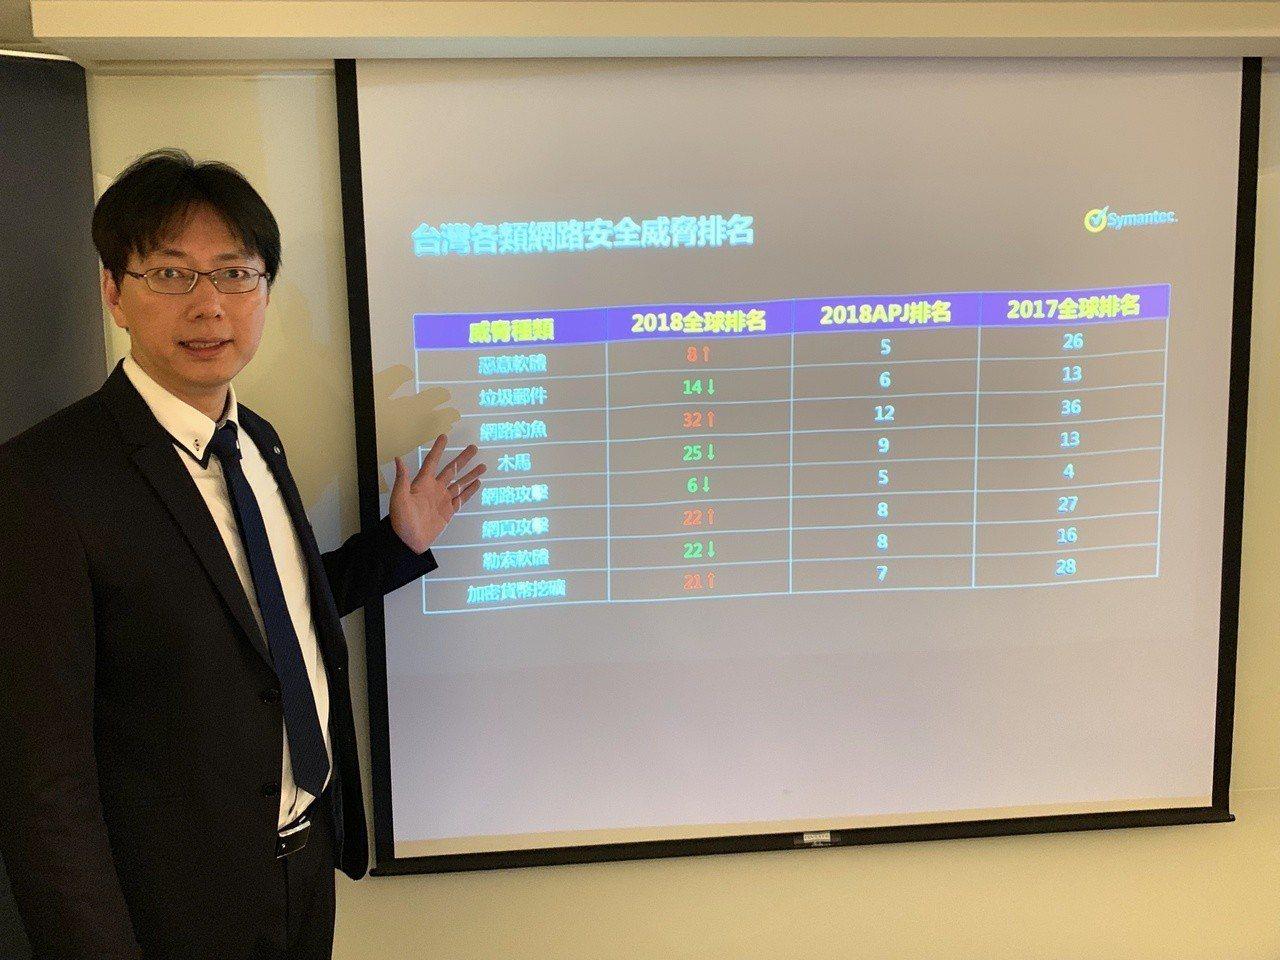 台灣賽門鐵克首席技術顧問張士龍說明網路安全威脅新趨勢。圖/賽門鐵克提供